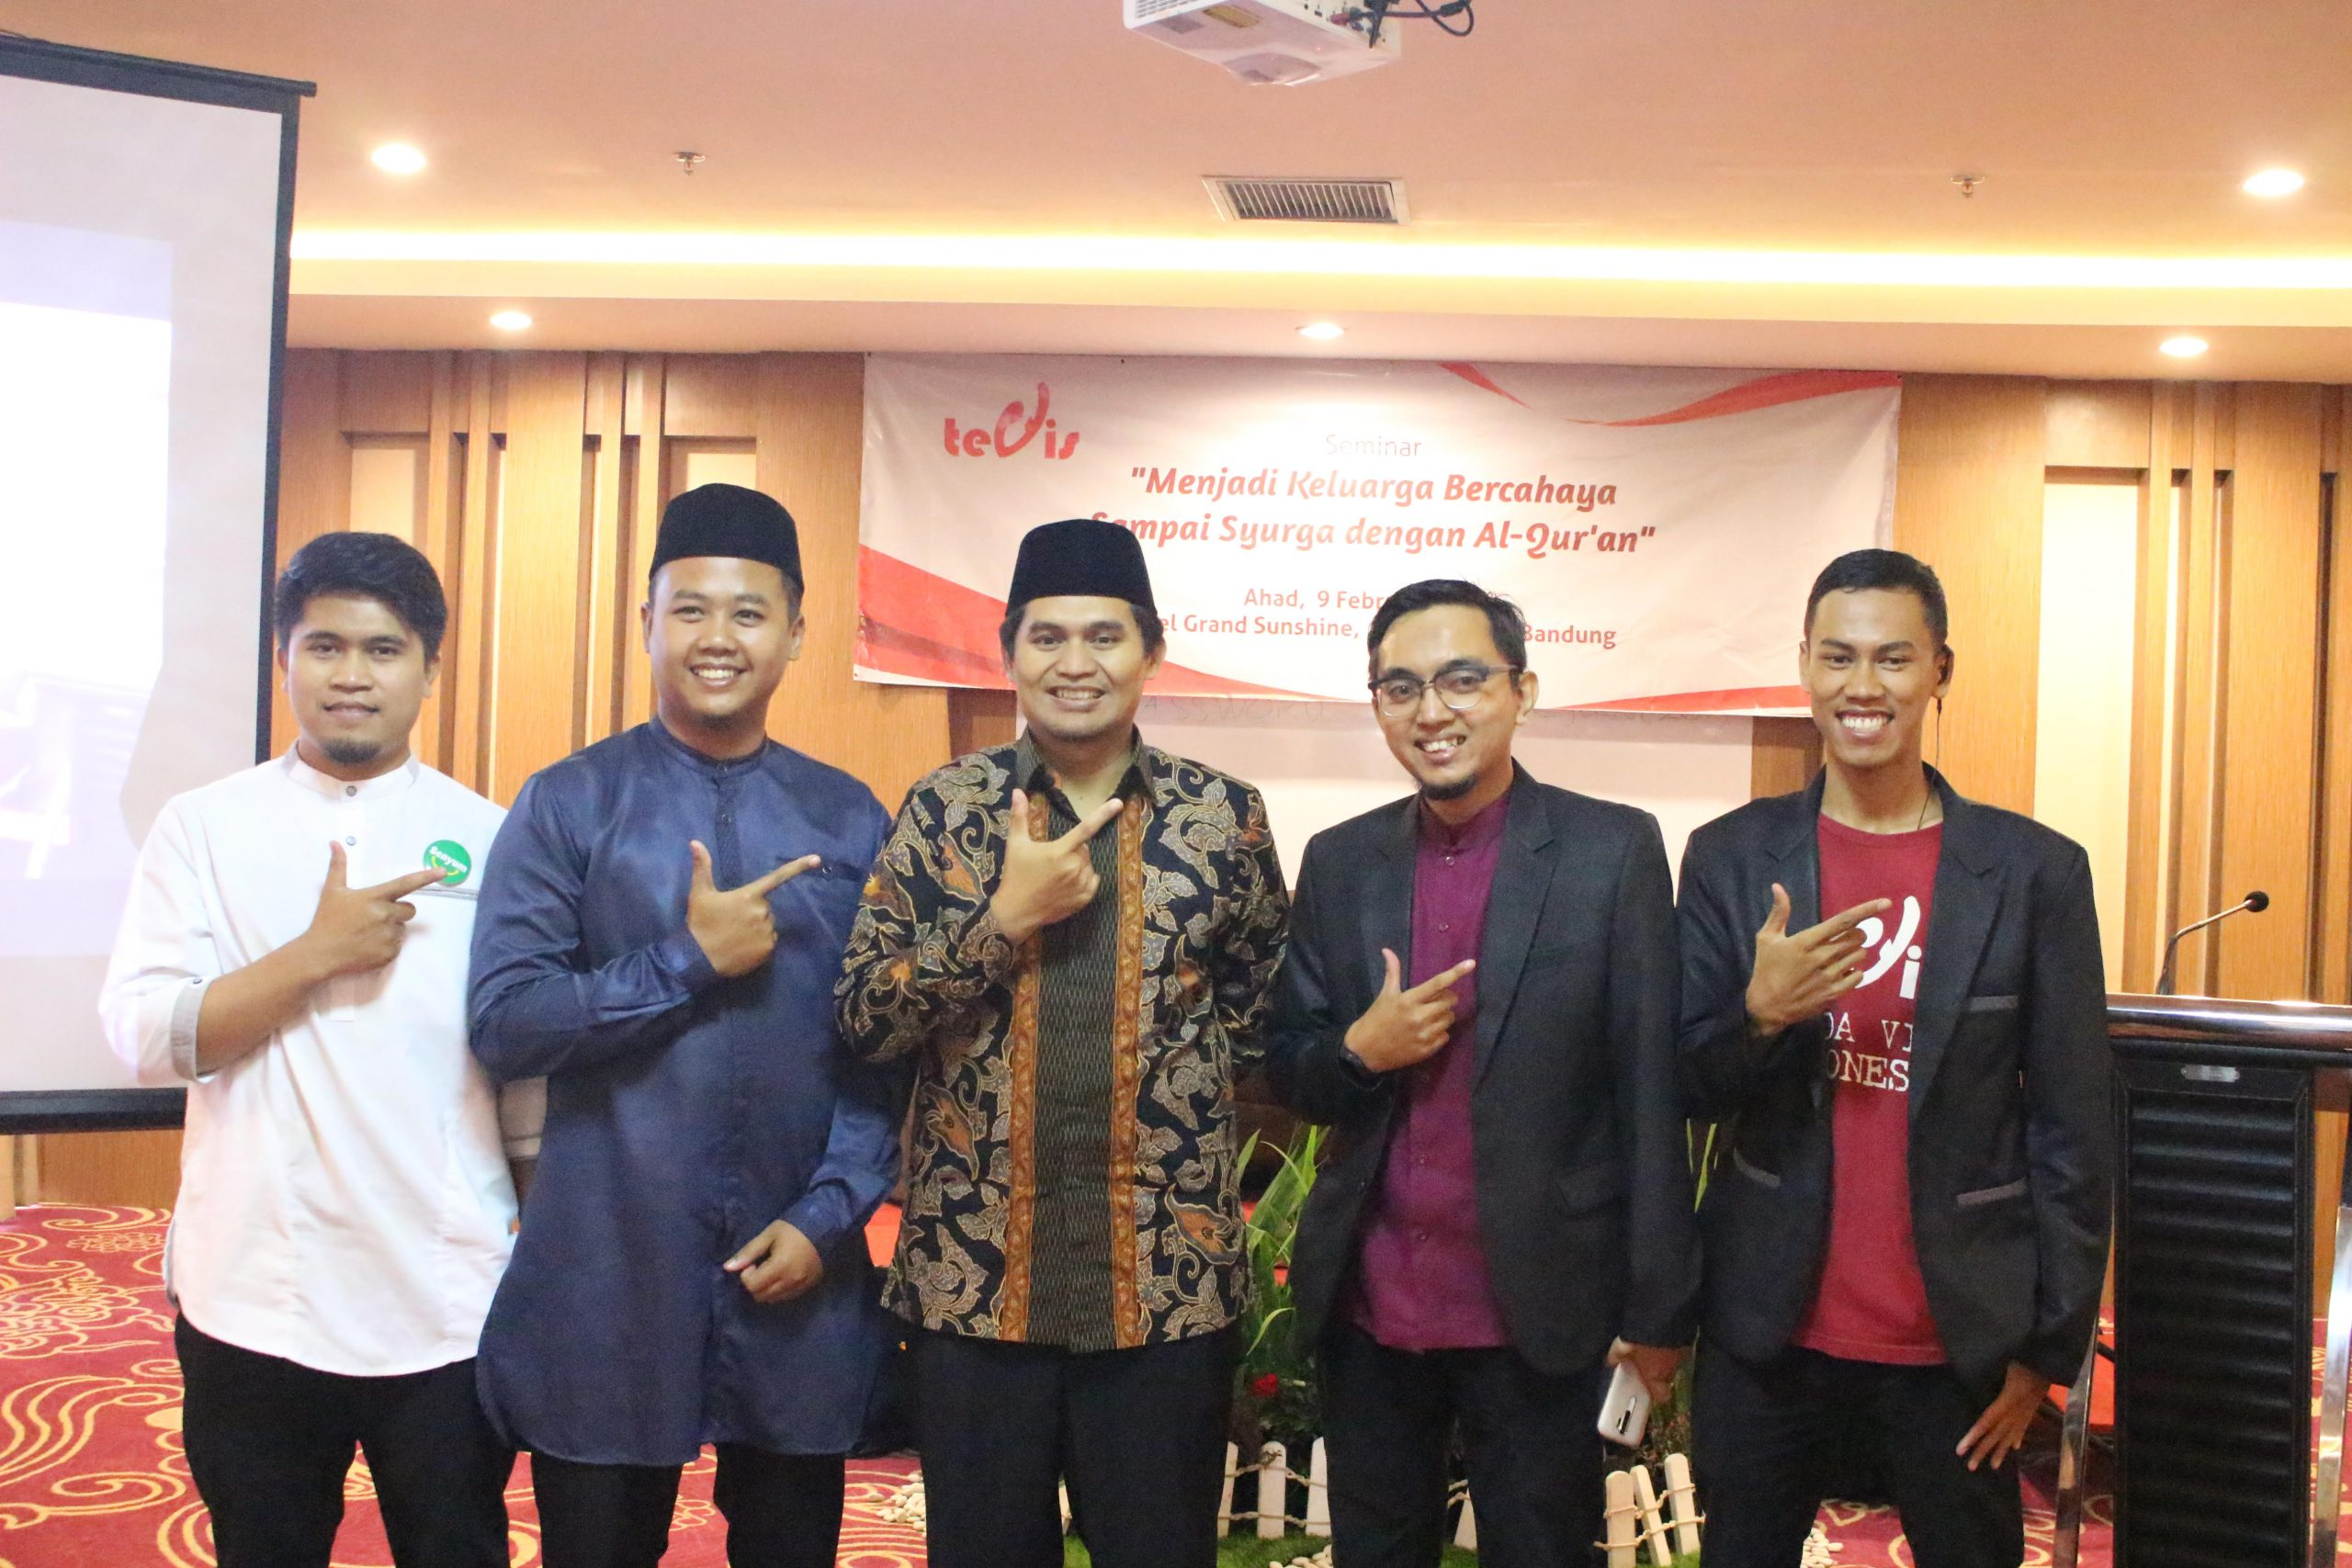 Inisiasi Kampung Quran, Tenda Visi Indonesia Terima Apresiasi